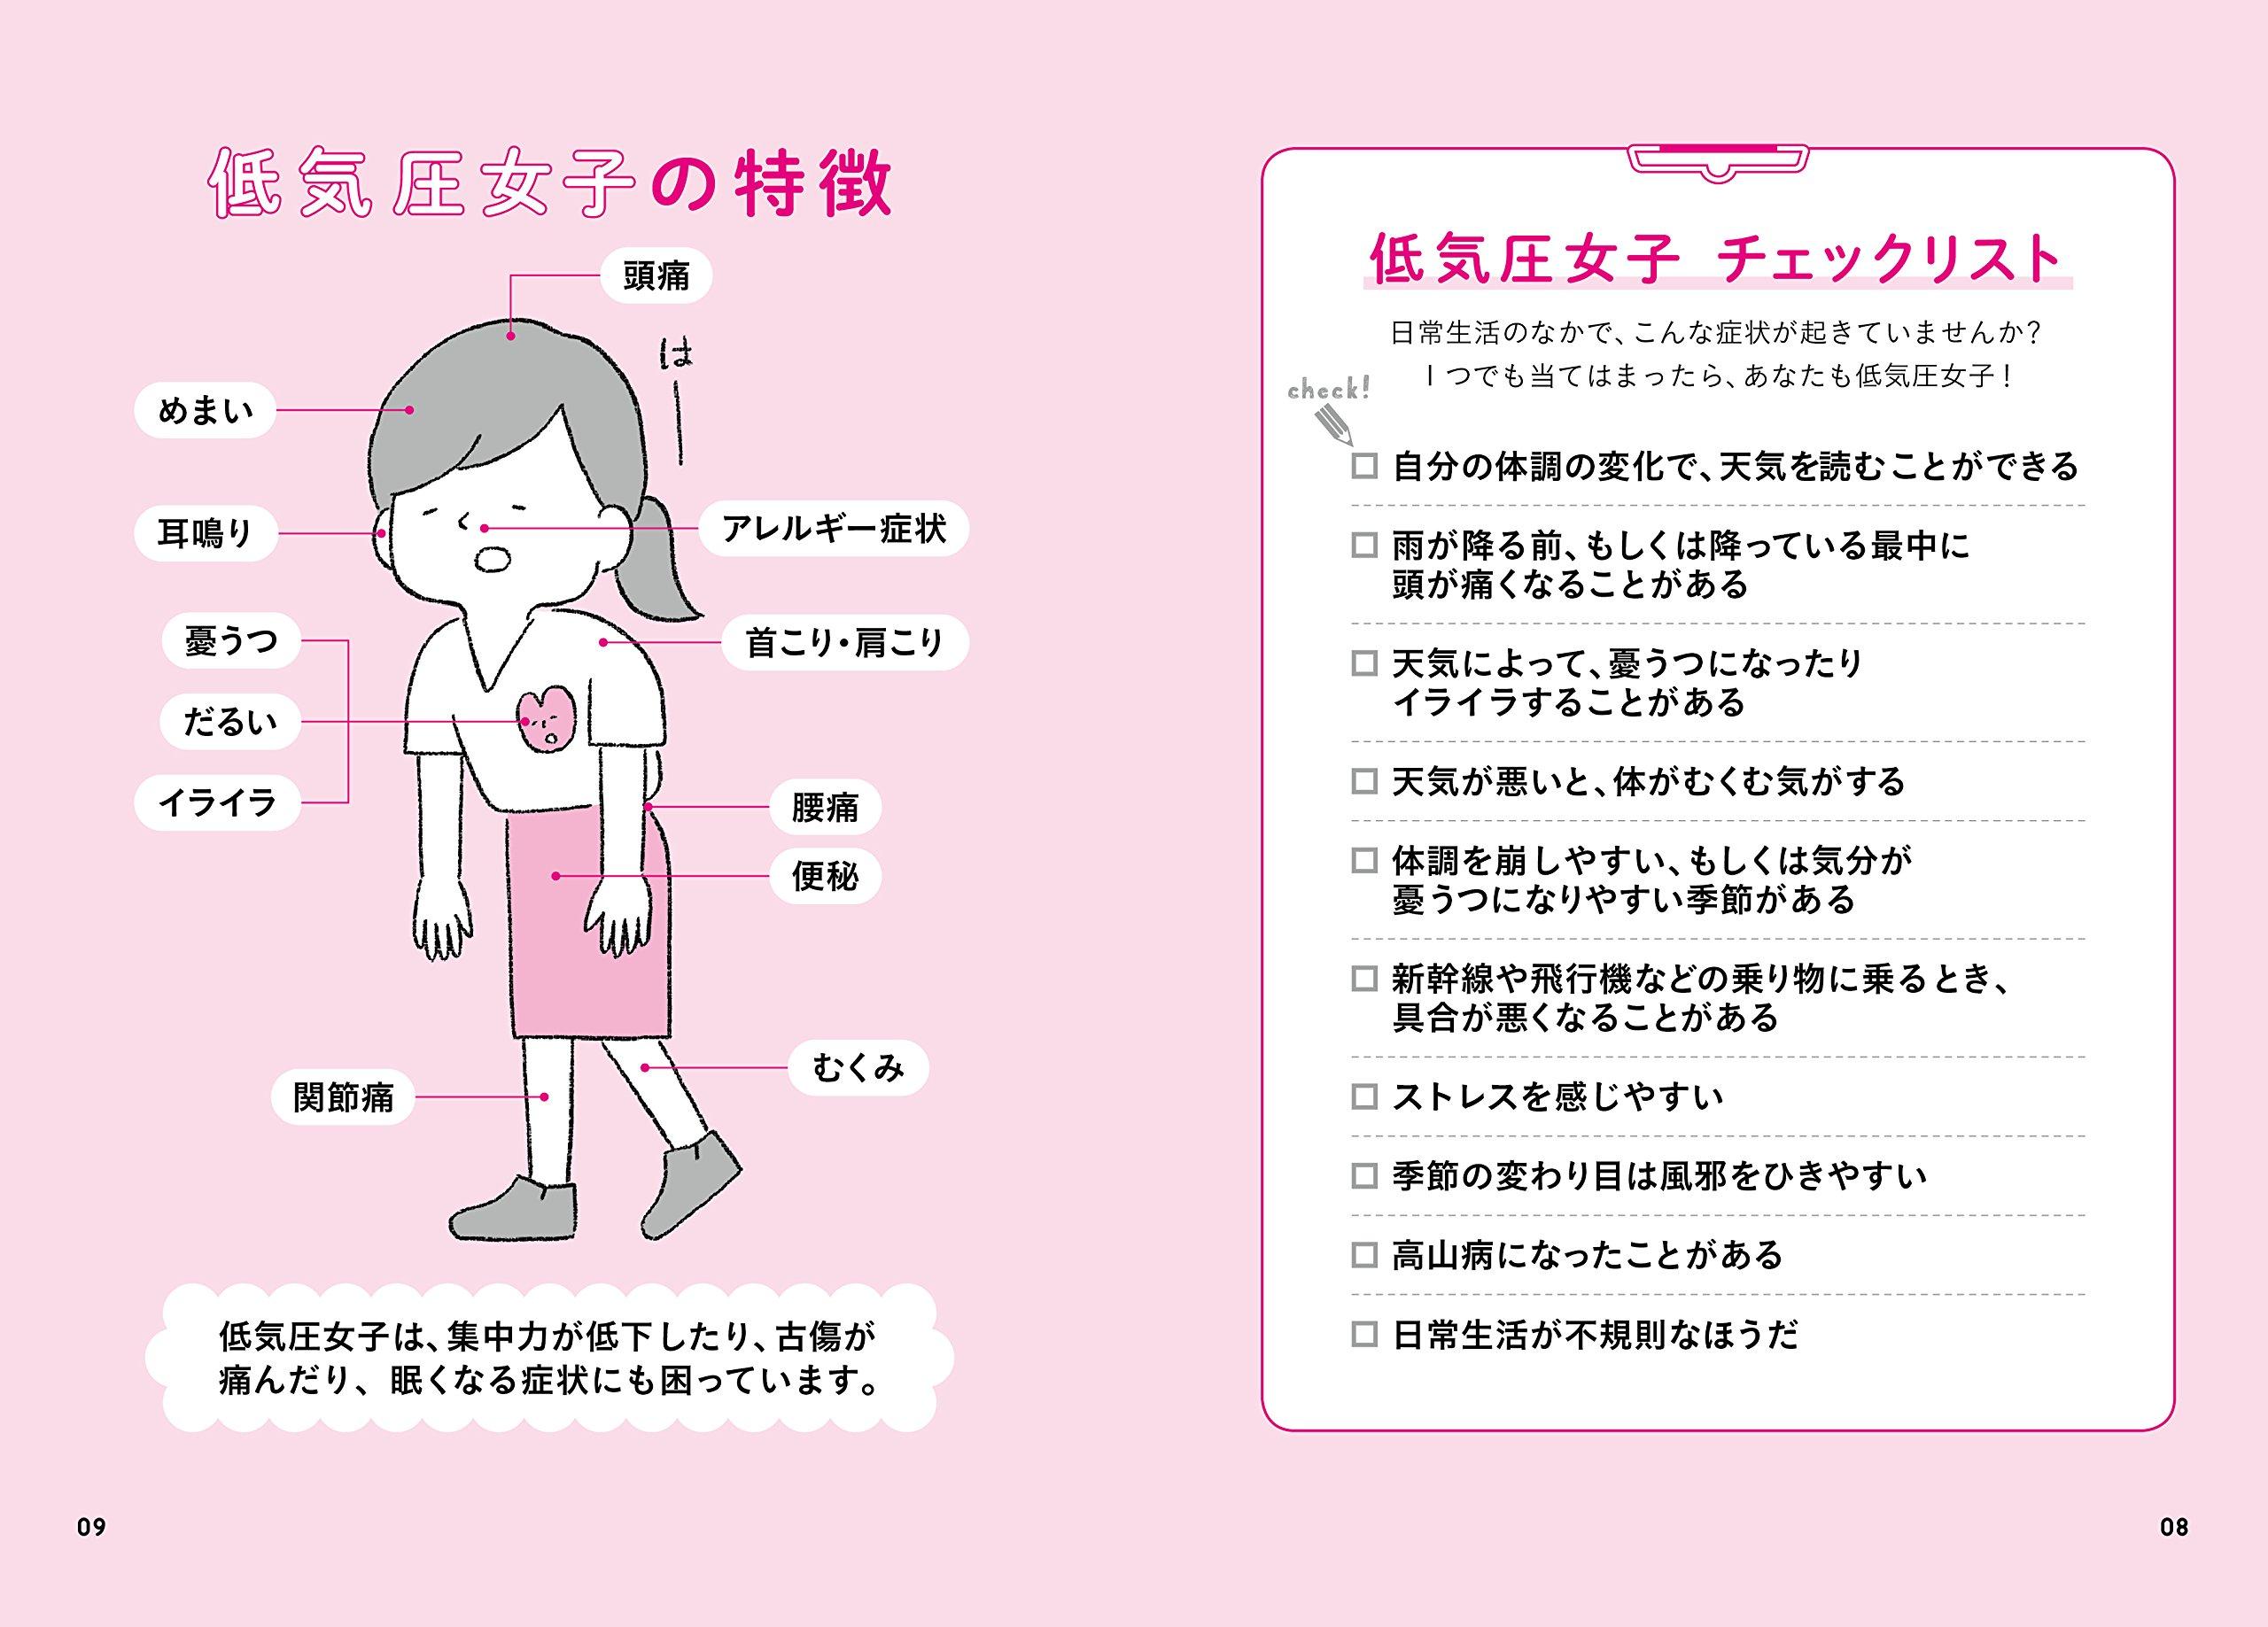 気圧 不良 低 体調 低気圧による体調不良…それって「気象病」かも! チェックリスト&対策を専門医が解説